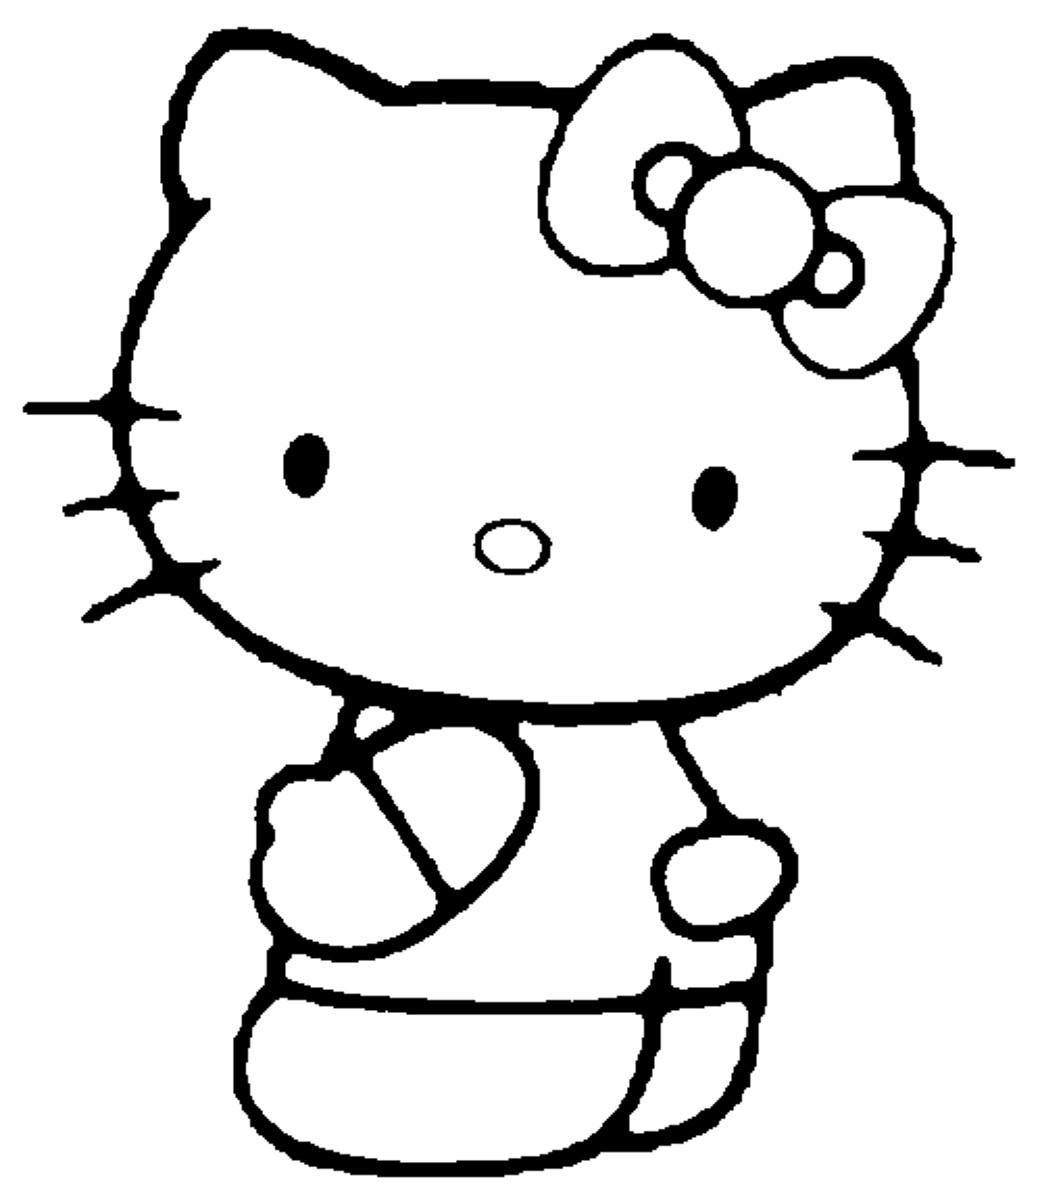 Coloriage hello kitty gratuit - dessin a imprimer #88